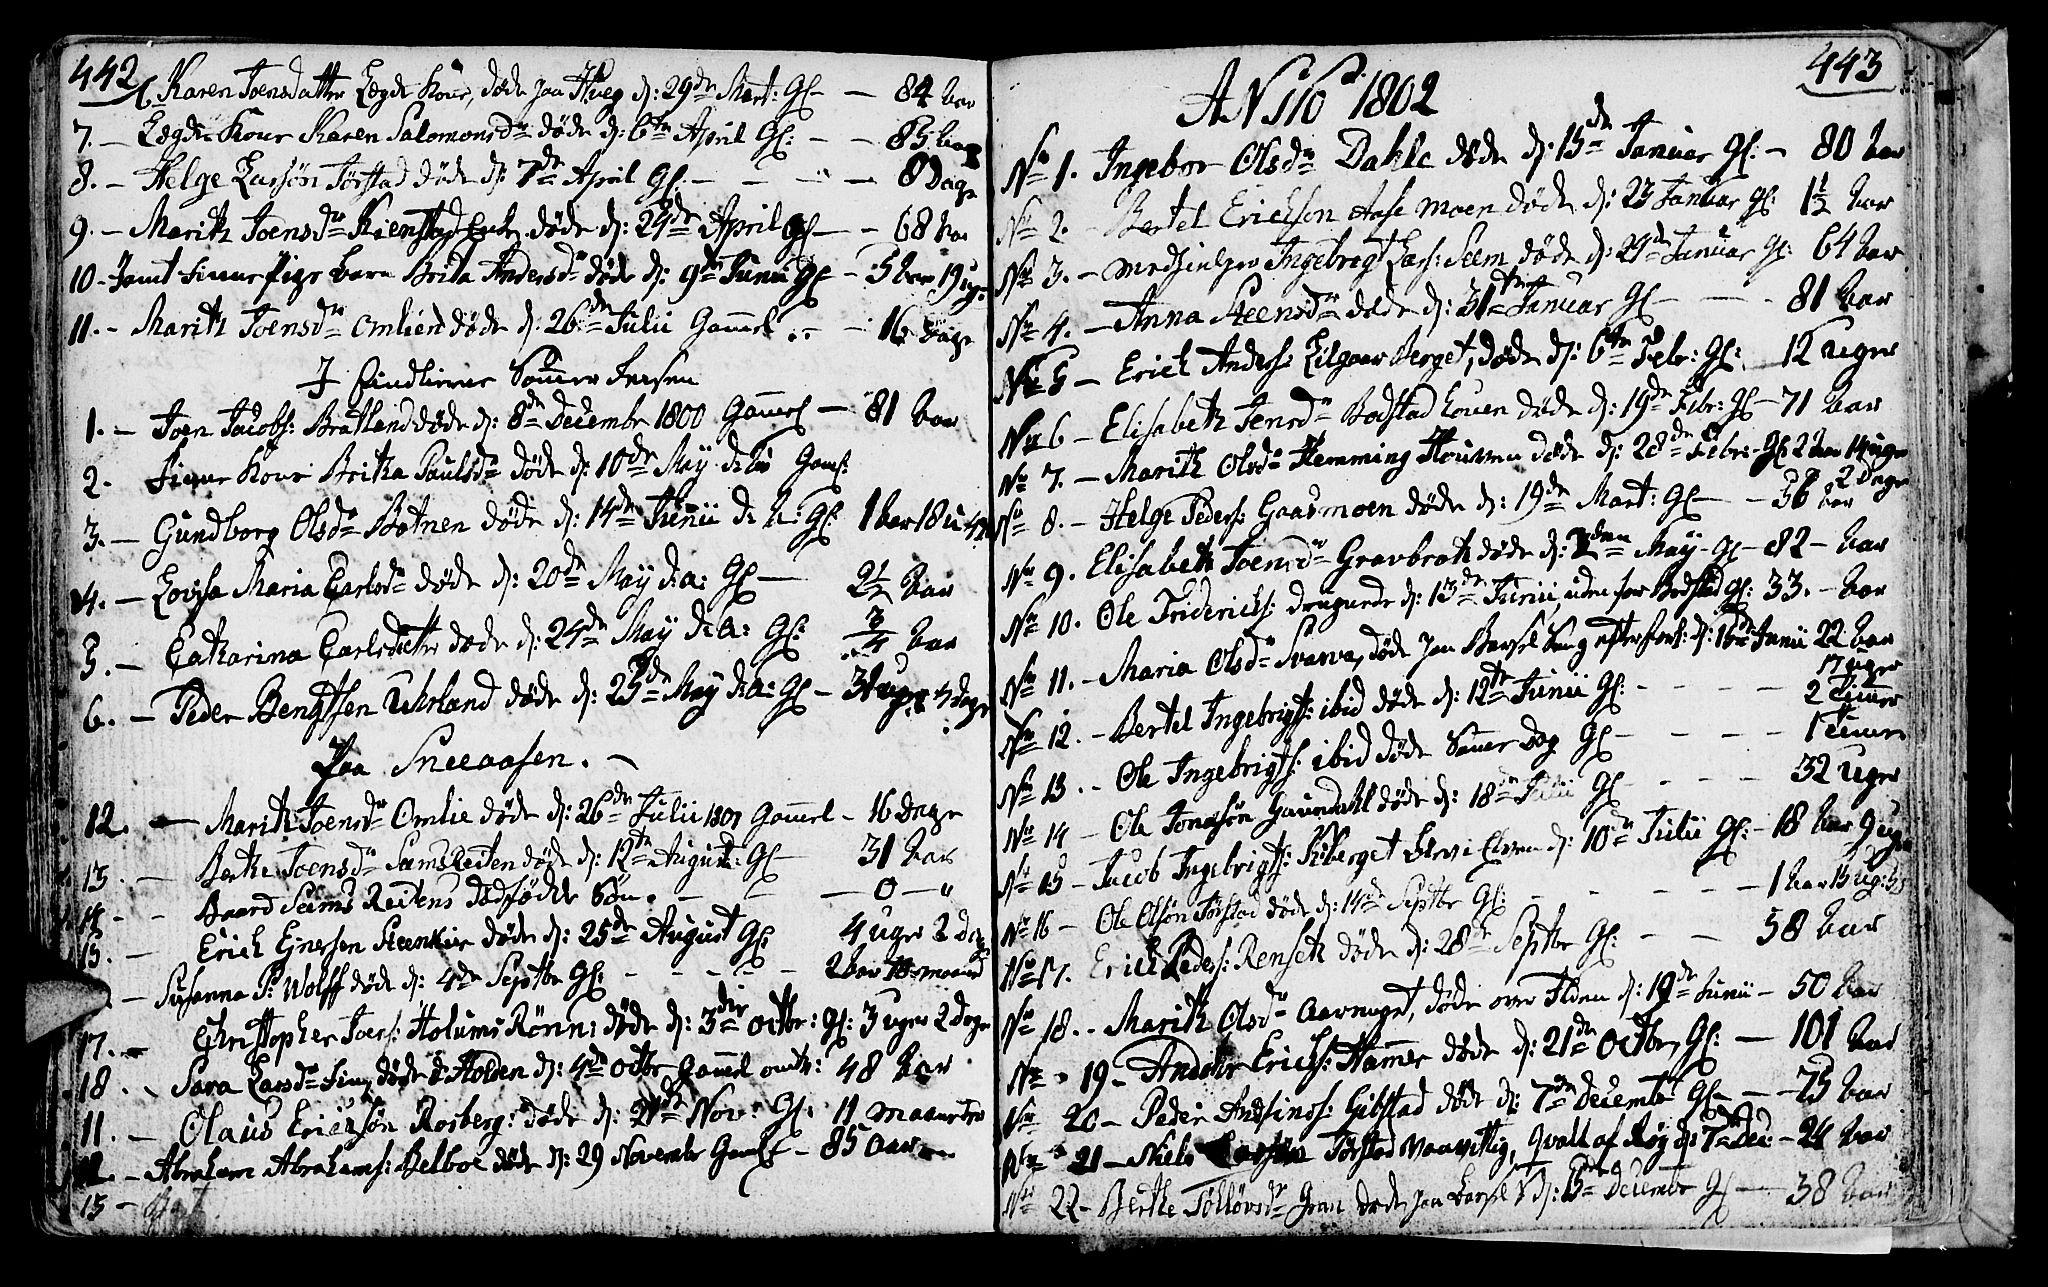 SAT, Ministerialprotokoller, klokkerbøker og fødselsregistre - Nord-Trøndelag, 749/L0468: Ministerialbok nr. 749A02, 1787-1817, s. 442-443